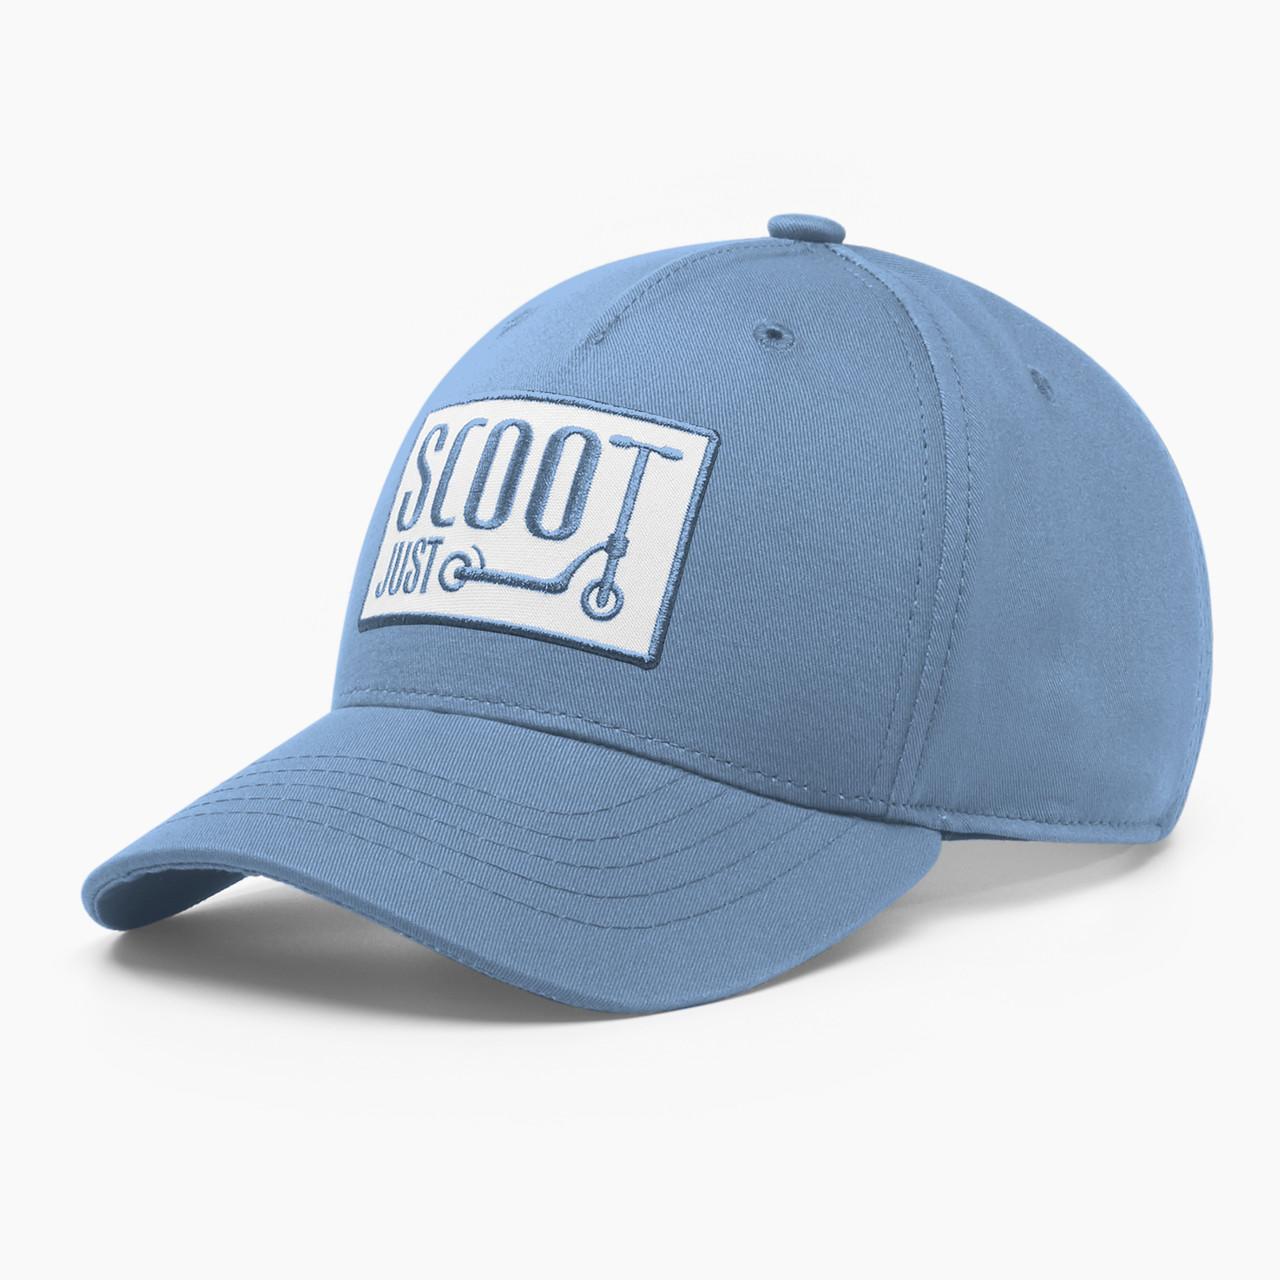 Детская кепка бейсболка INAL kick scooter XS / 51-52 RU Синий 229351